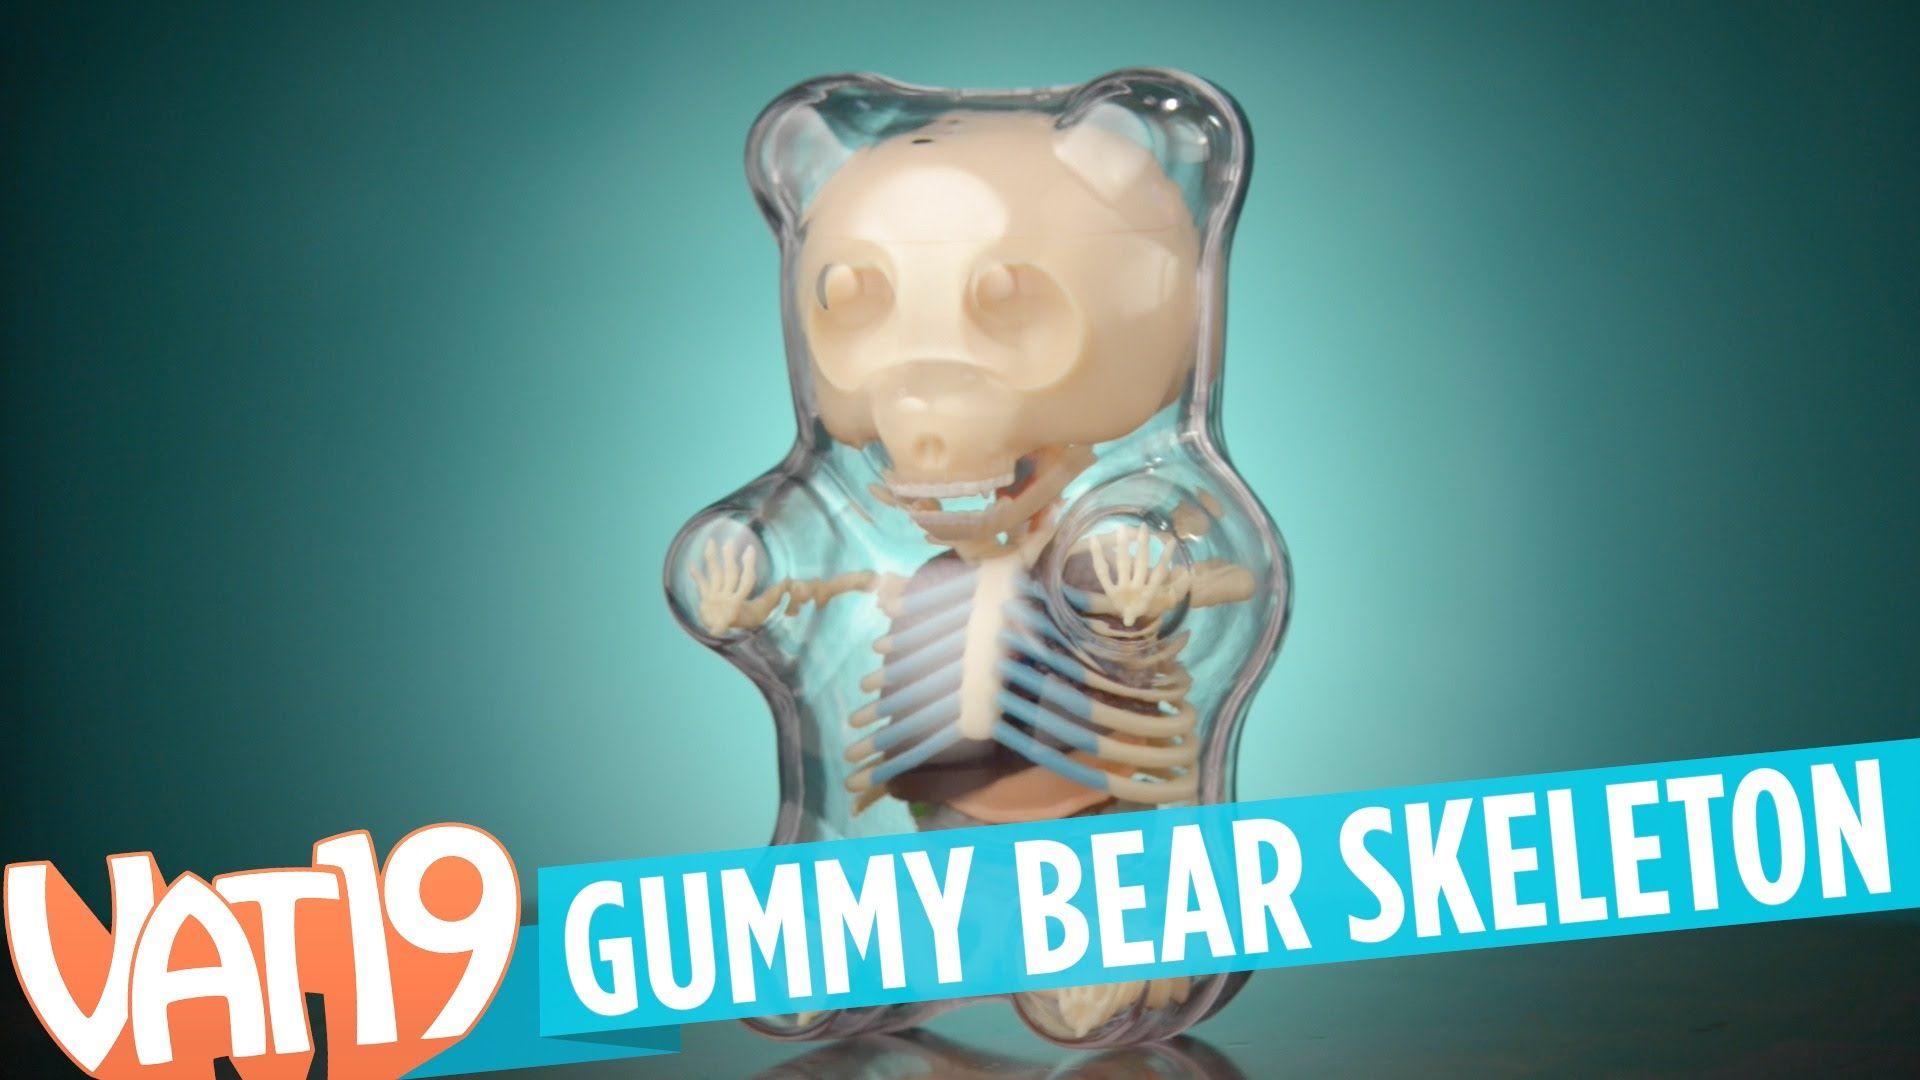 Gummy Bear Skeleton   Christmas Wish List   Pinterest   Bears